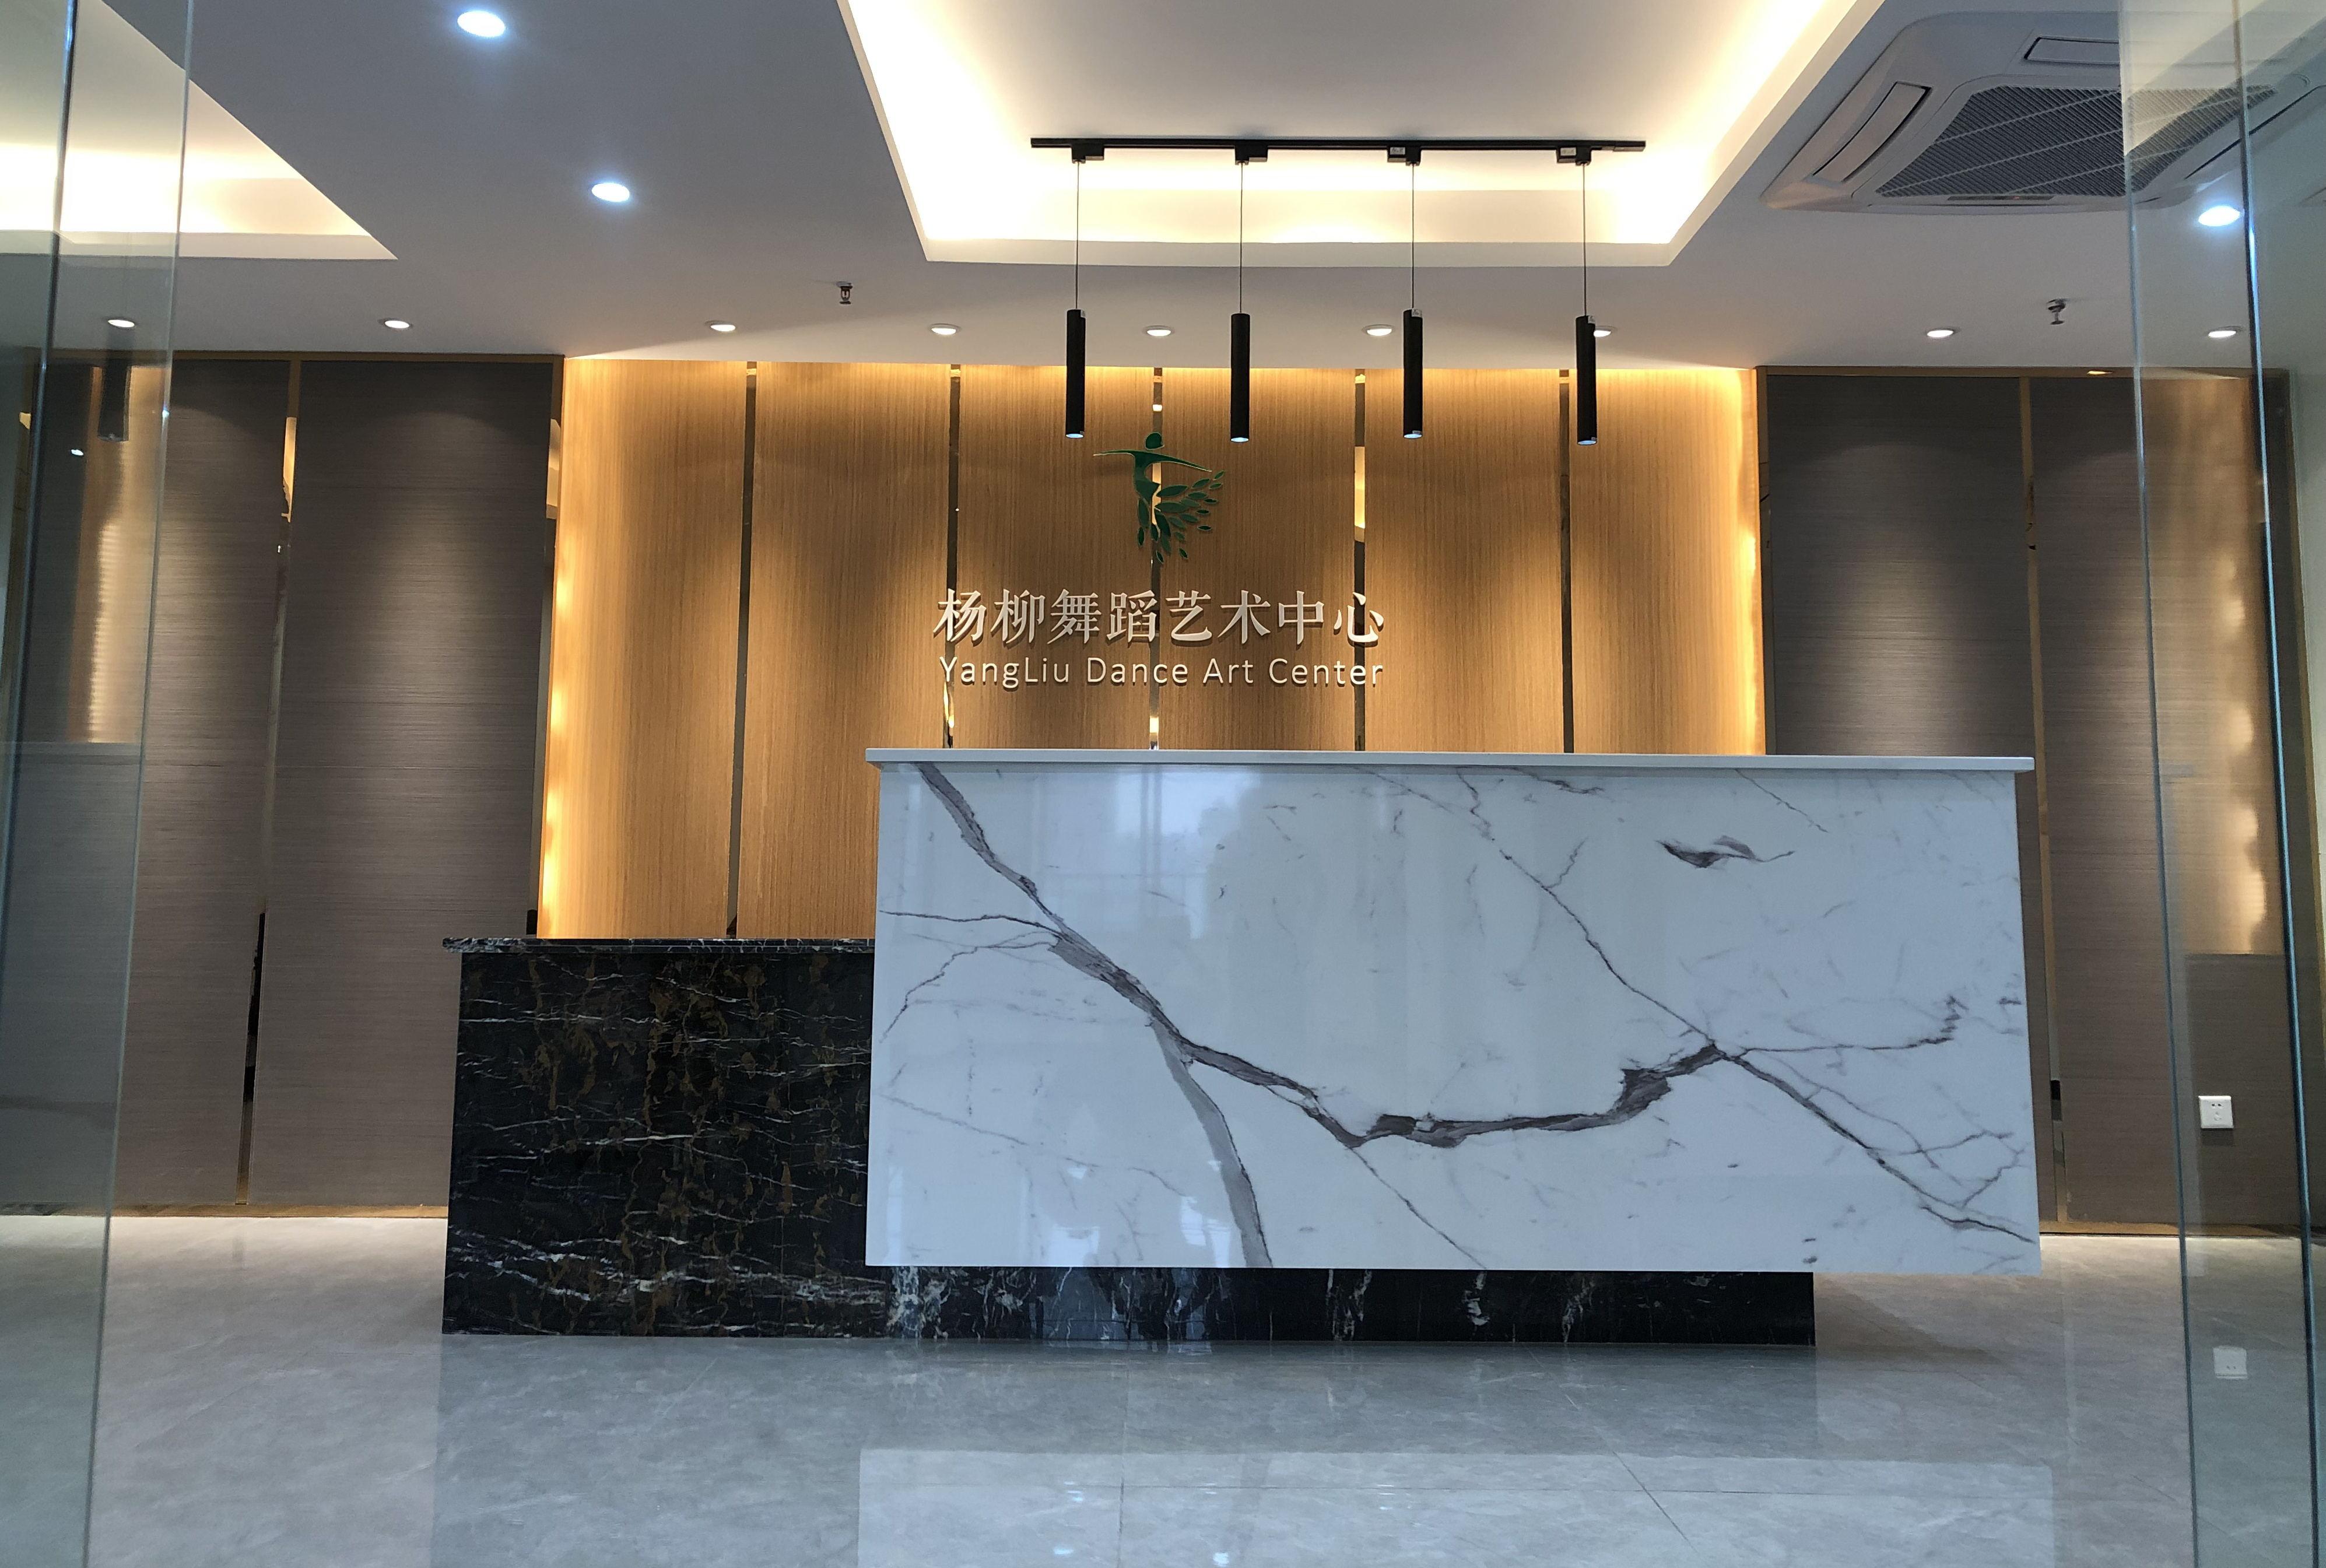 杨柳舞蹈艺术中心